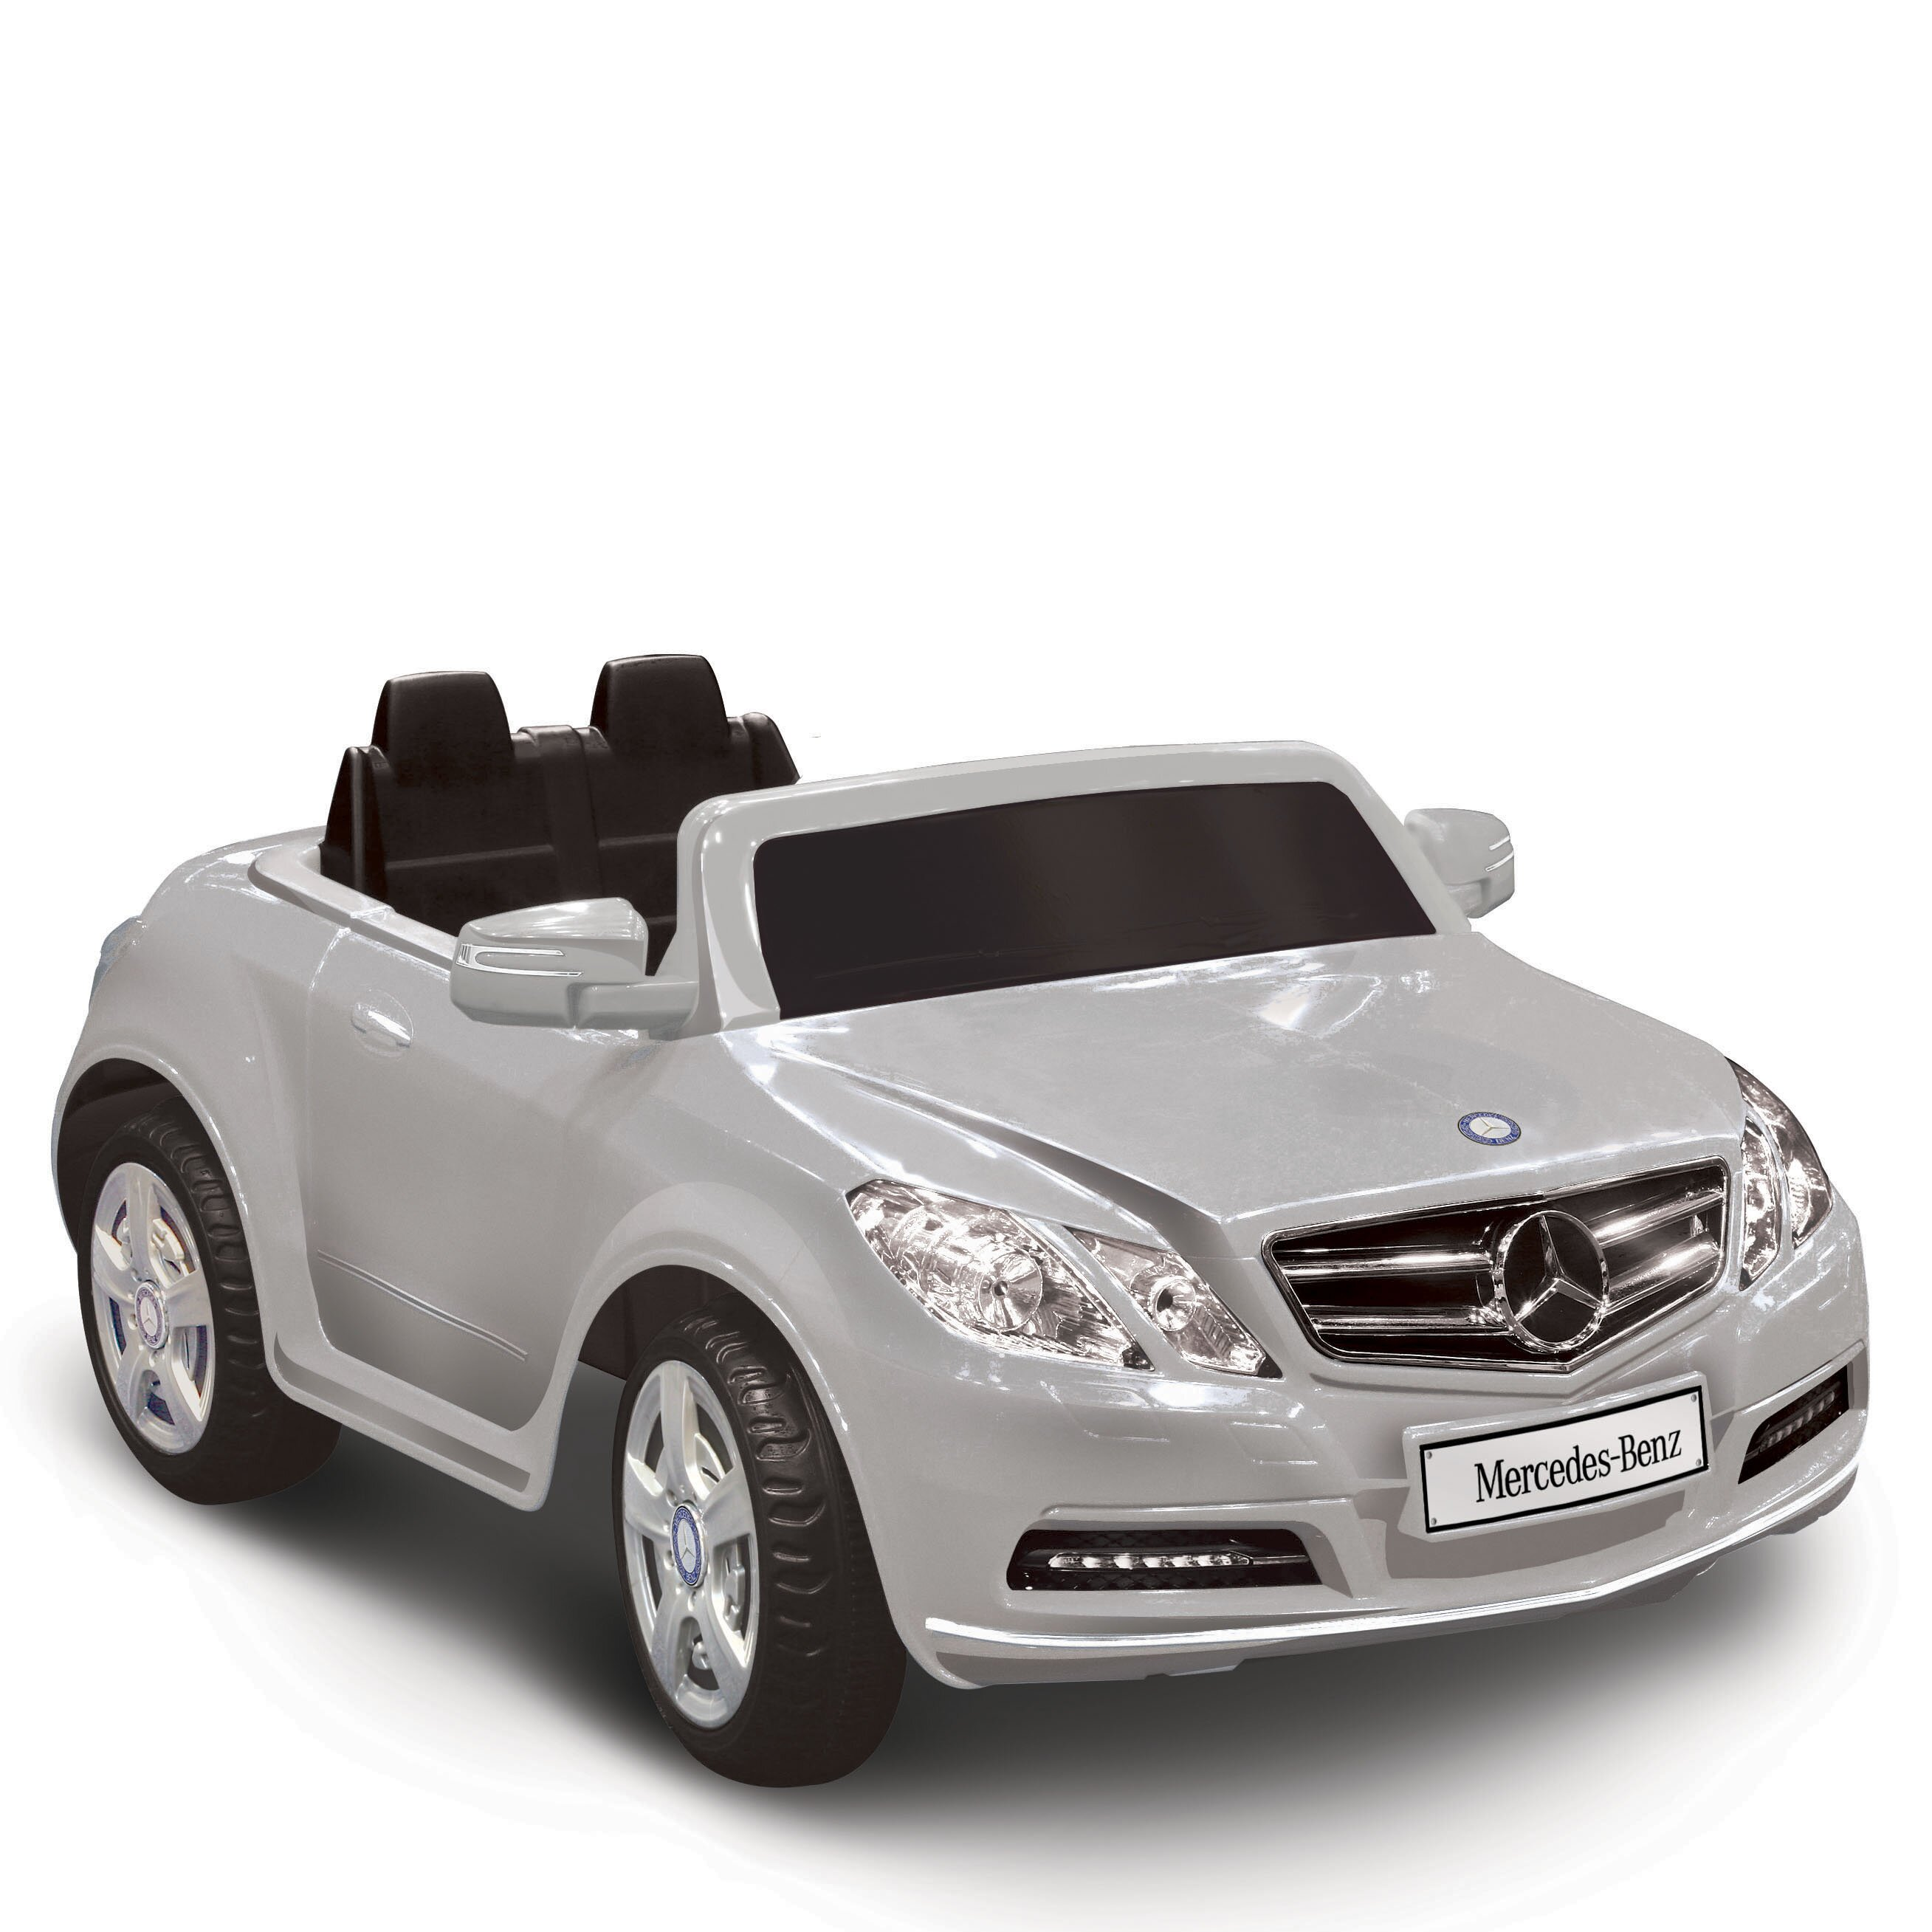 Kidz motorz mercedes benz e550 6v battery powered car for Car battery for mercedes benz